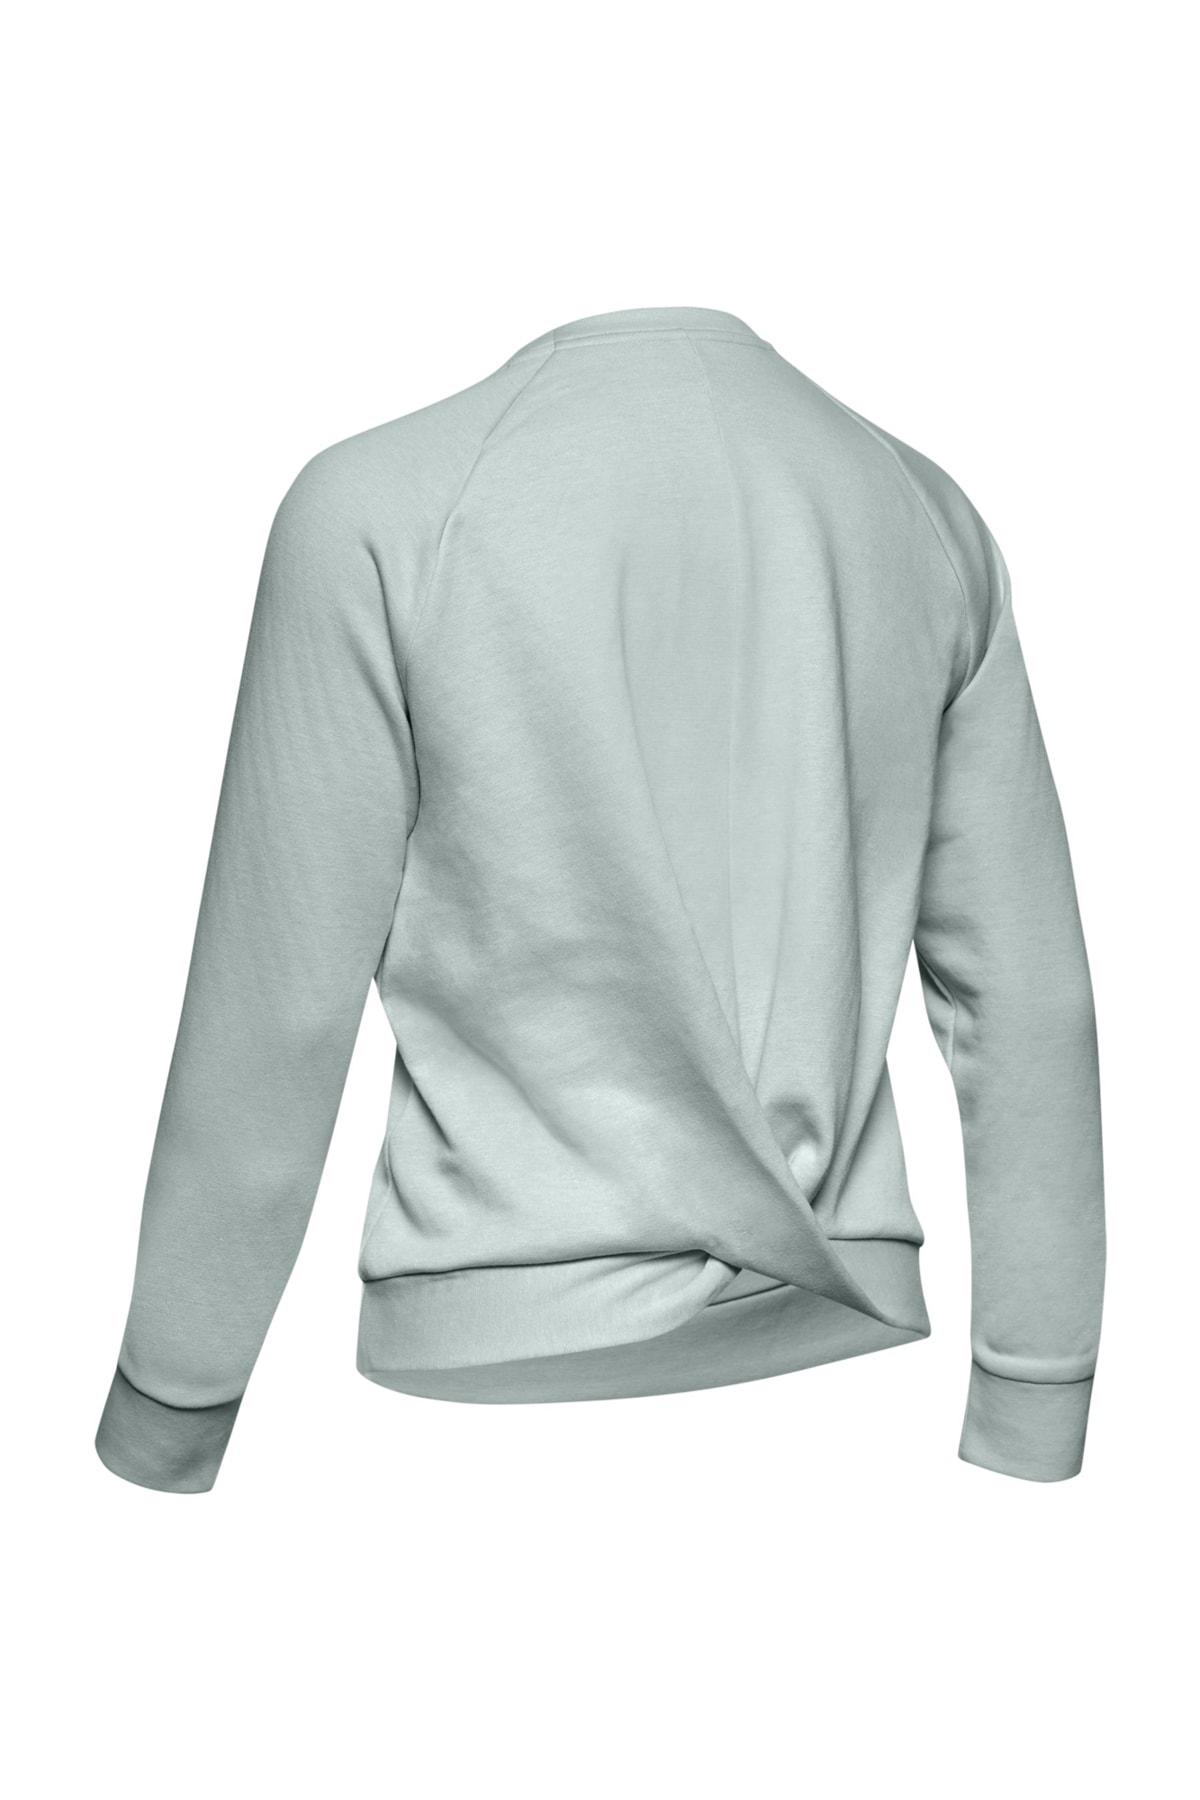 Under Armour Kadın Spor Sweatshirt - RECOVERY FLEECE SCRIPT CREW - 1344169-189